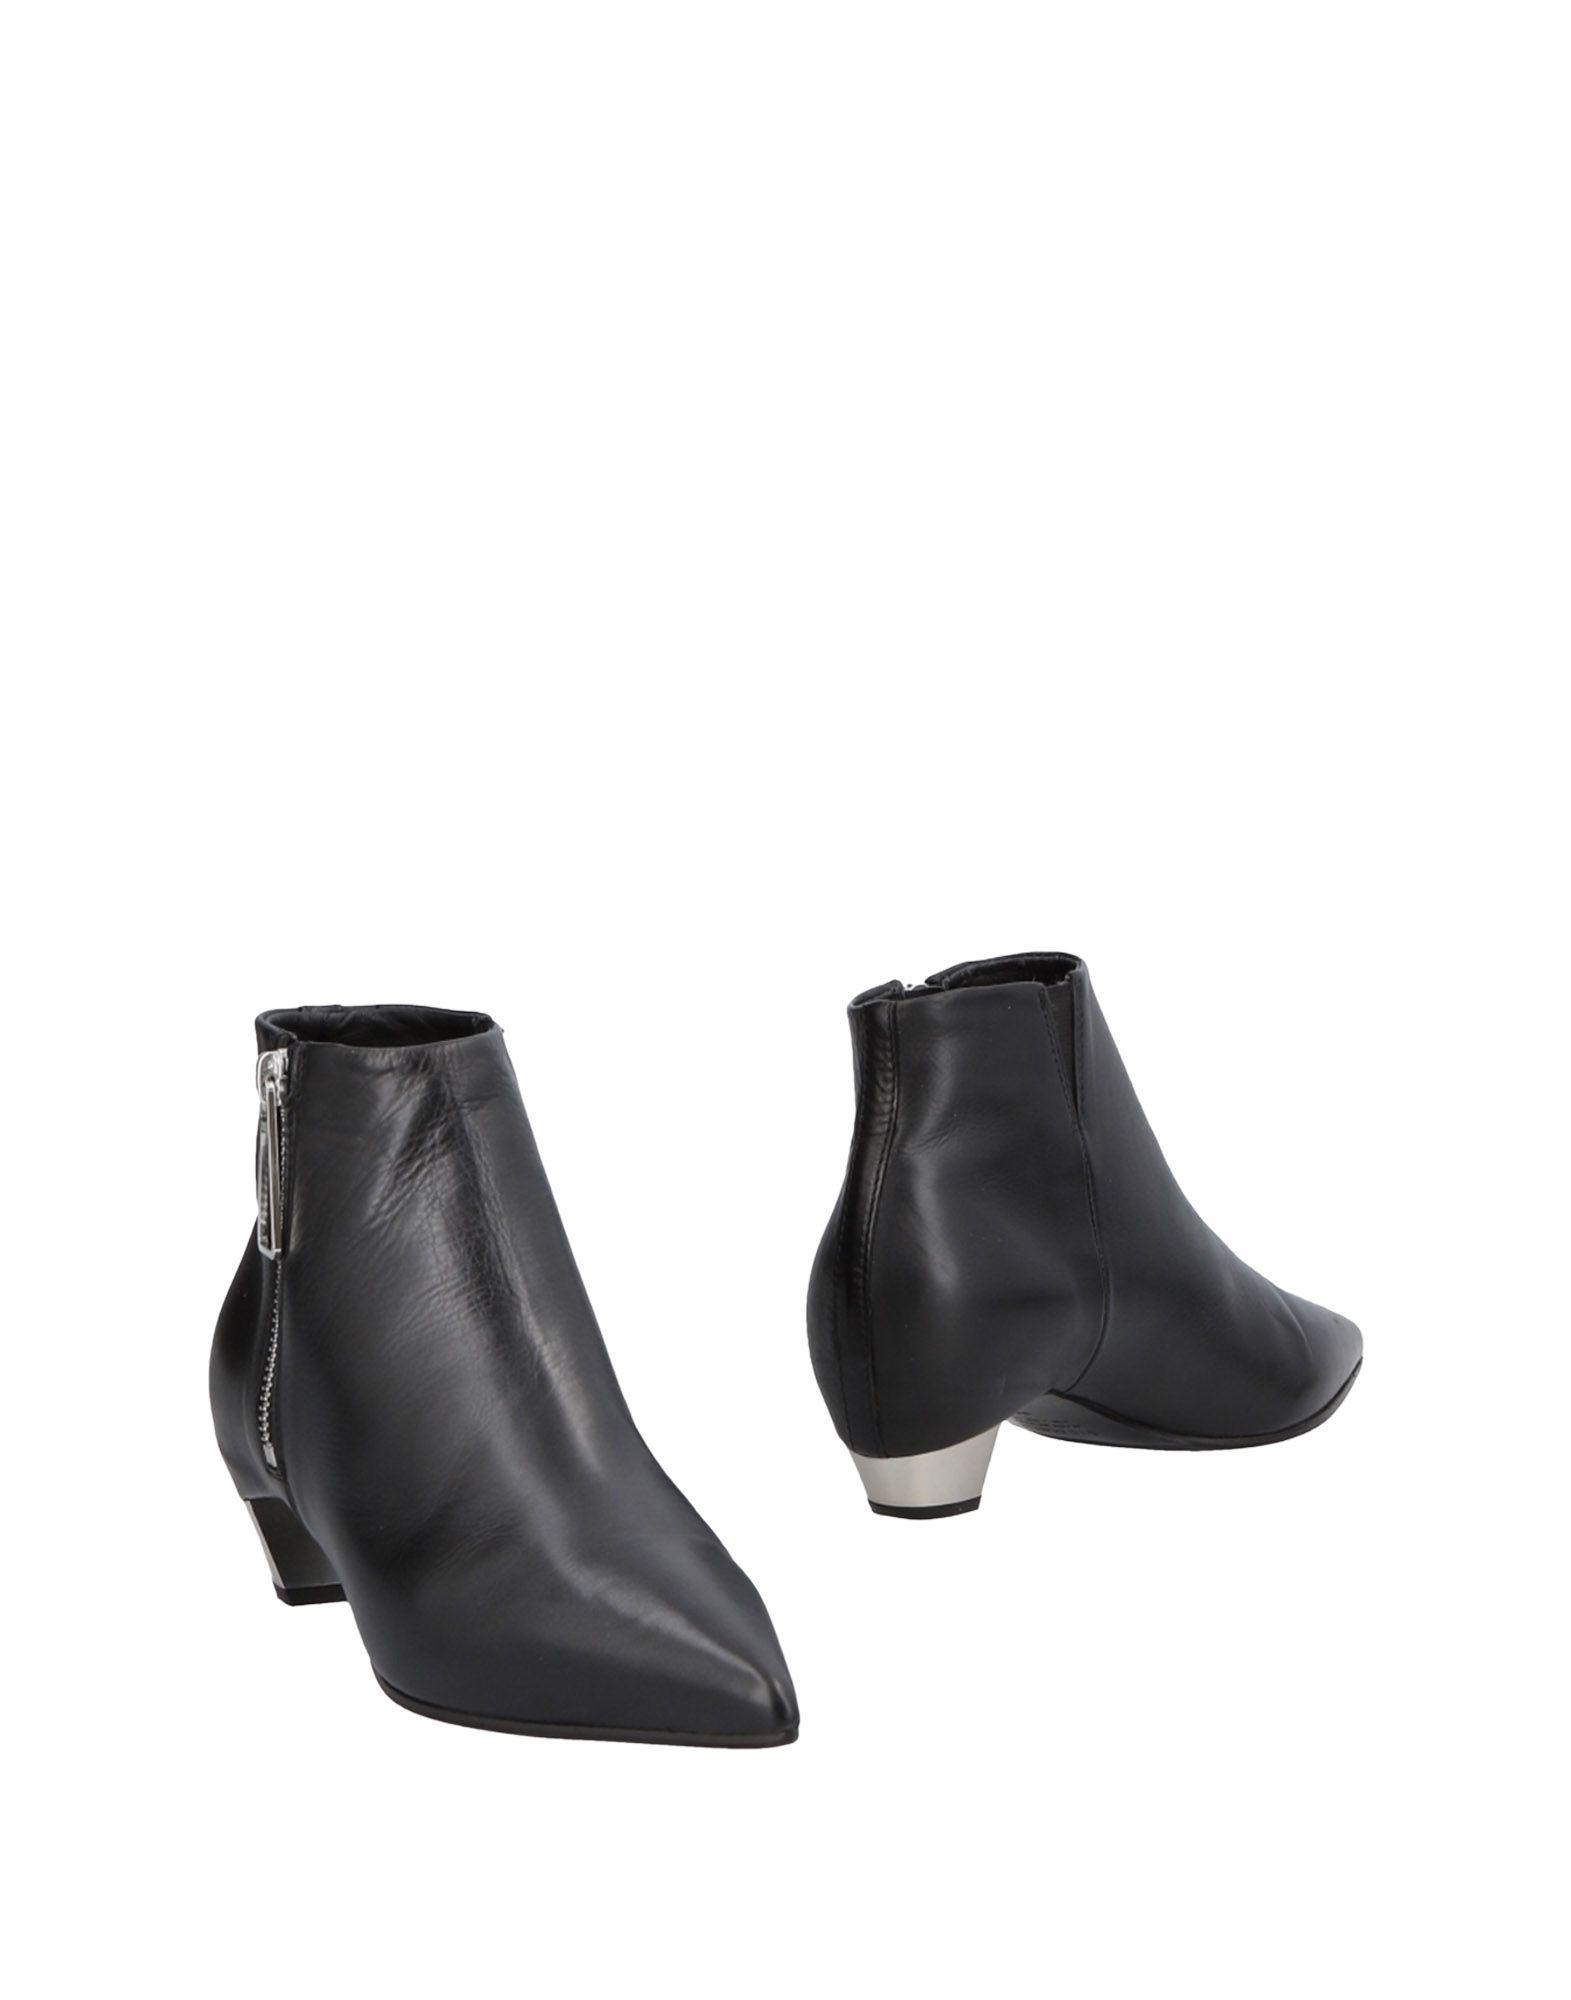 Stilvolle Stiefelette billige Schuhe Vic Matiē Stiefelette Stilvolle Damen  11488722SK 7d2bb7